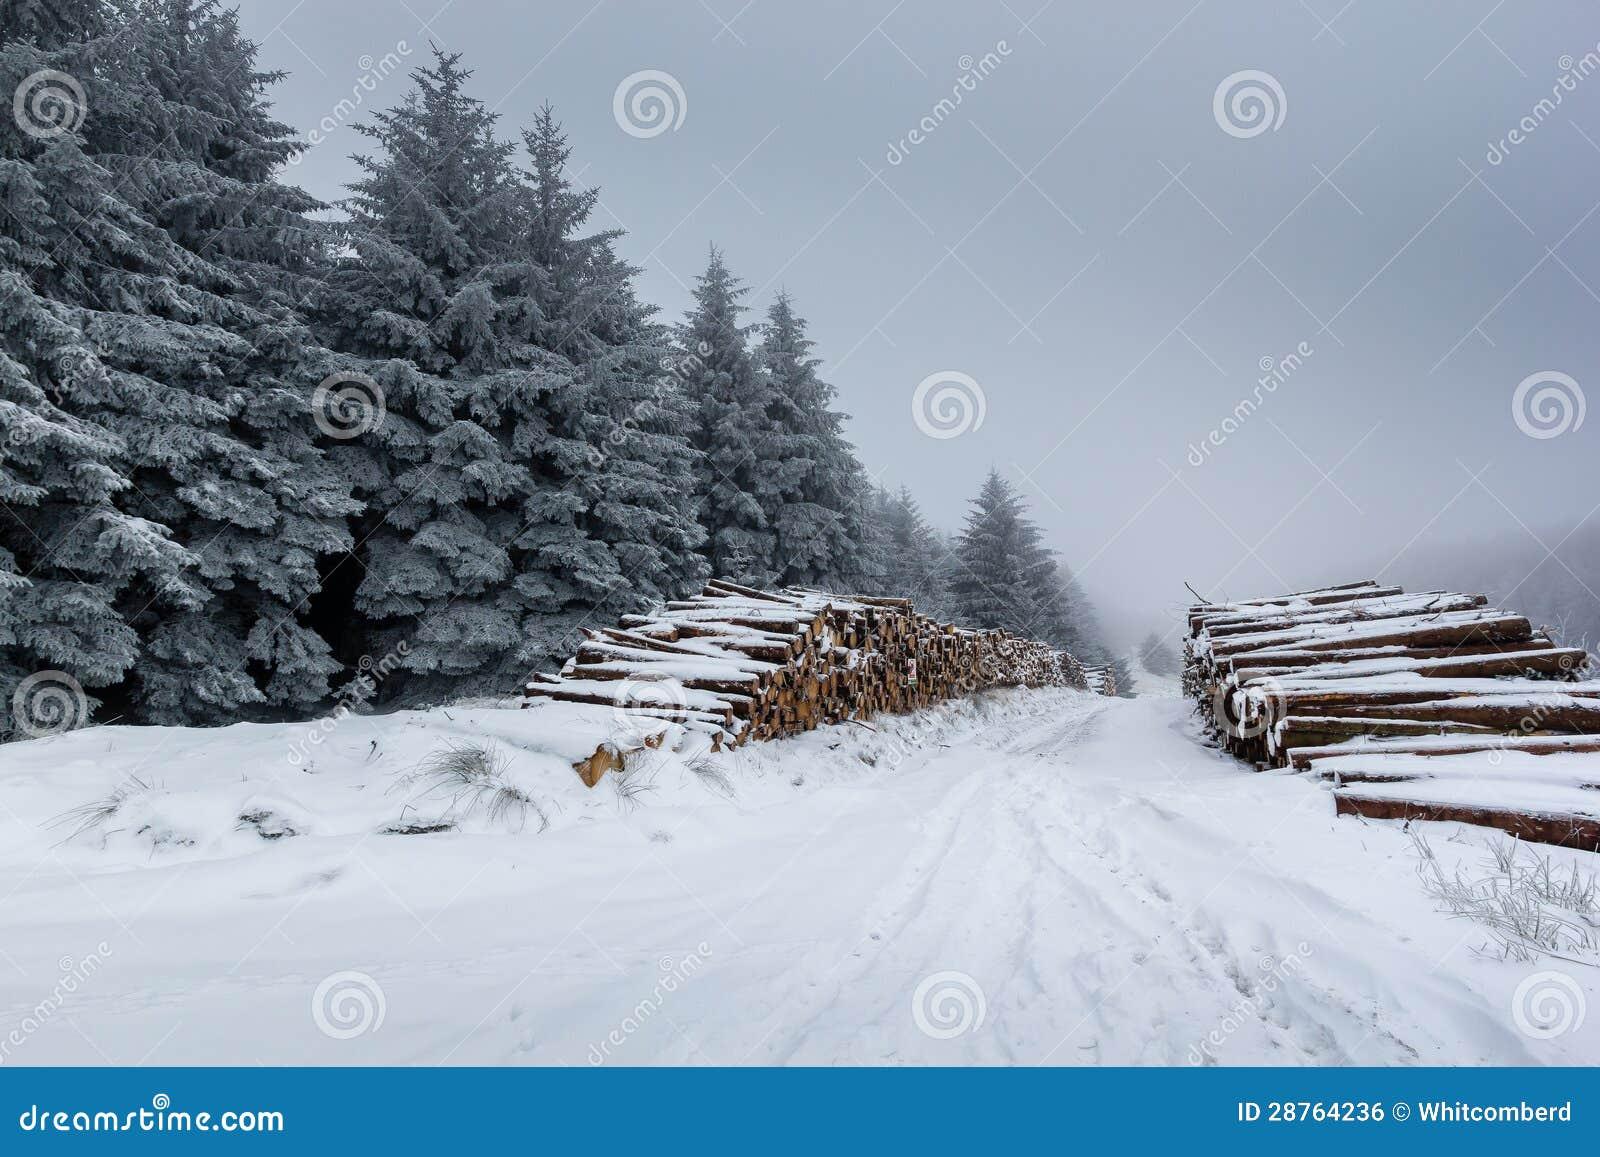 Täckt Snow loggar och pälsfodrar trees